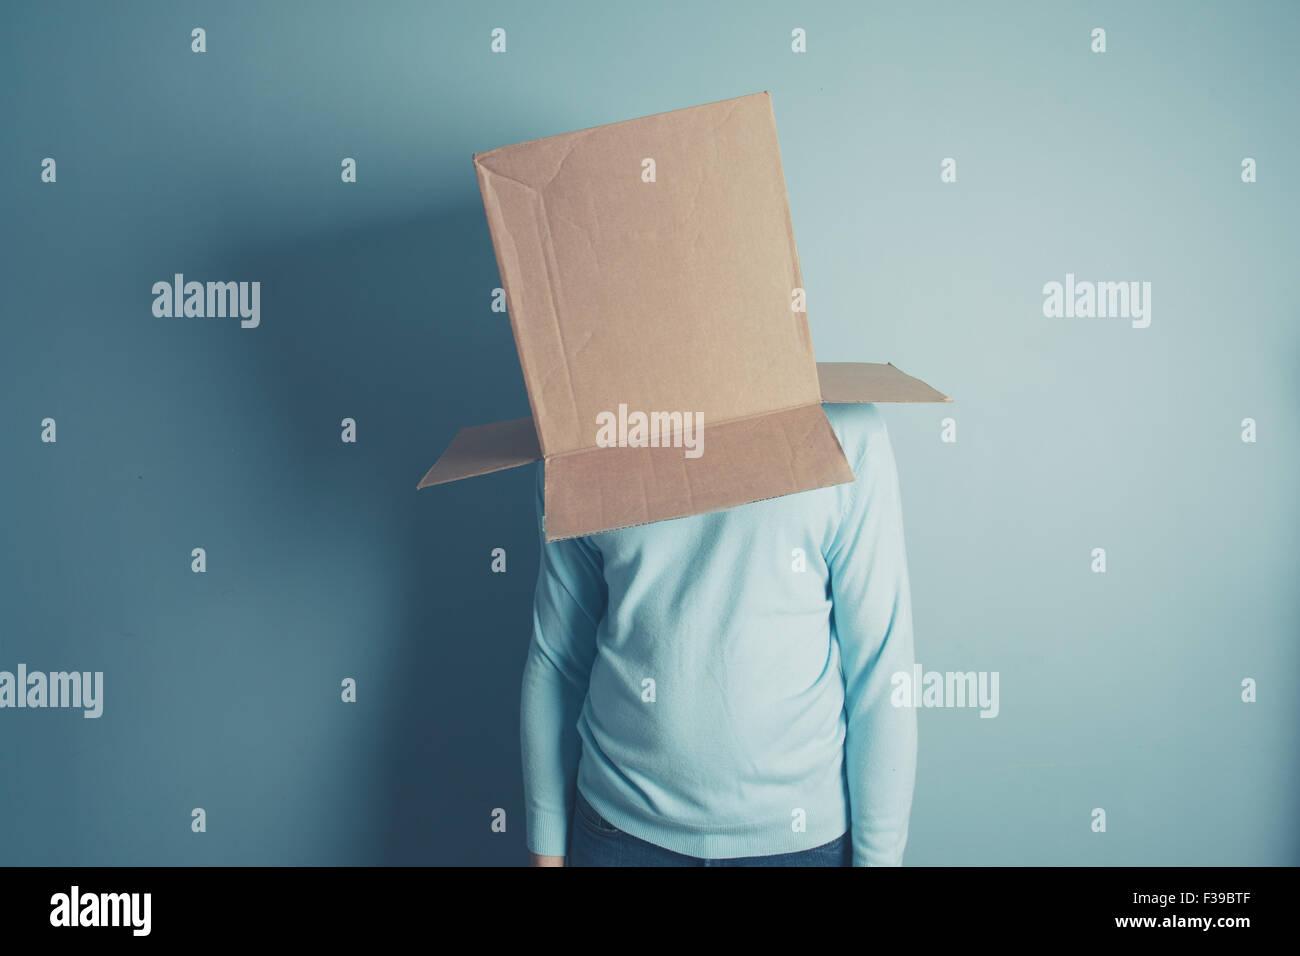 Ein Mann steht mit einem Karton über dem Kopf Stockbild